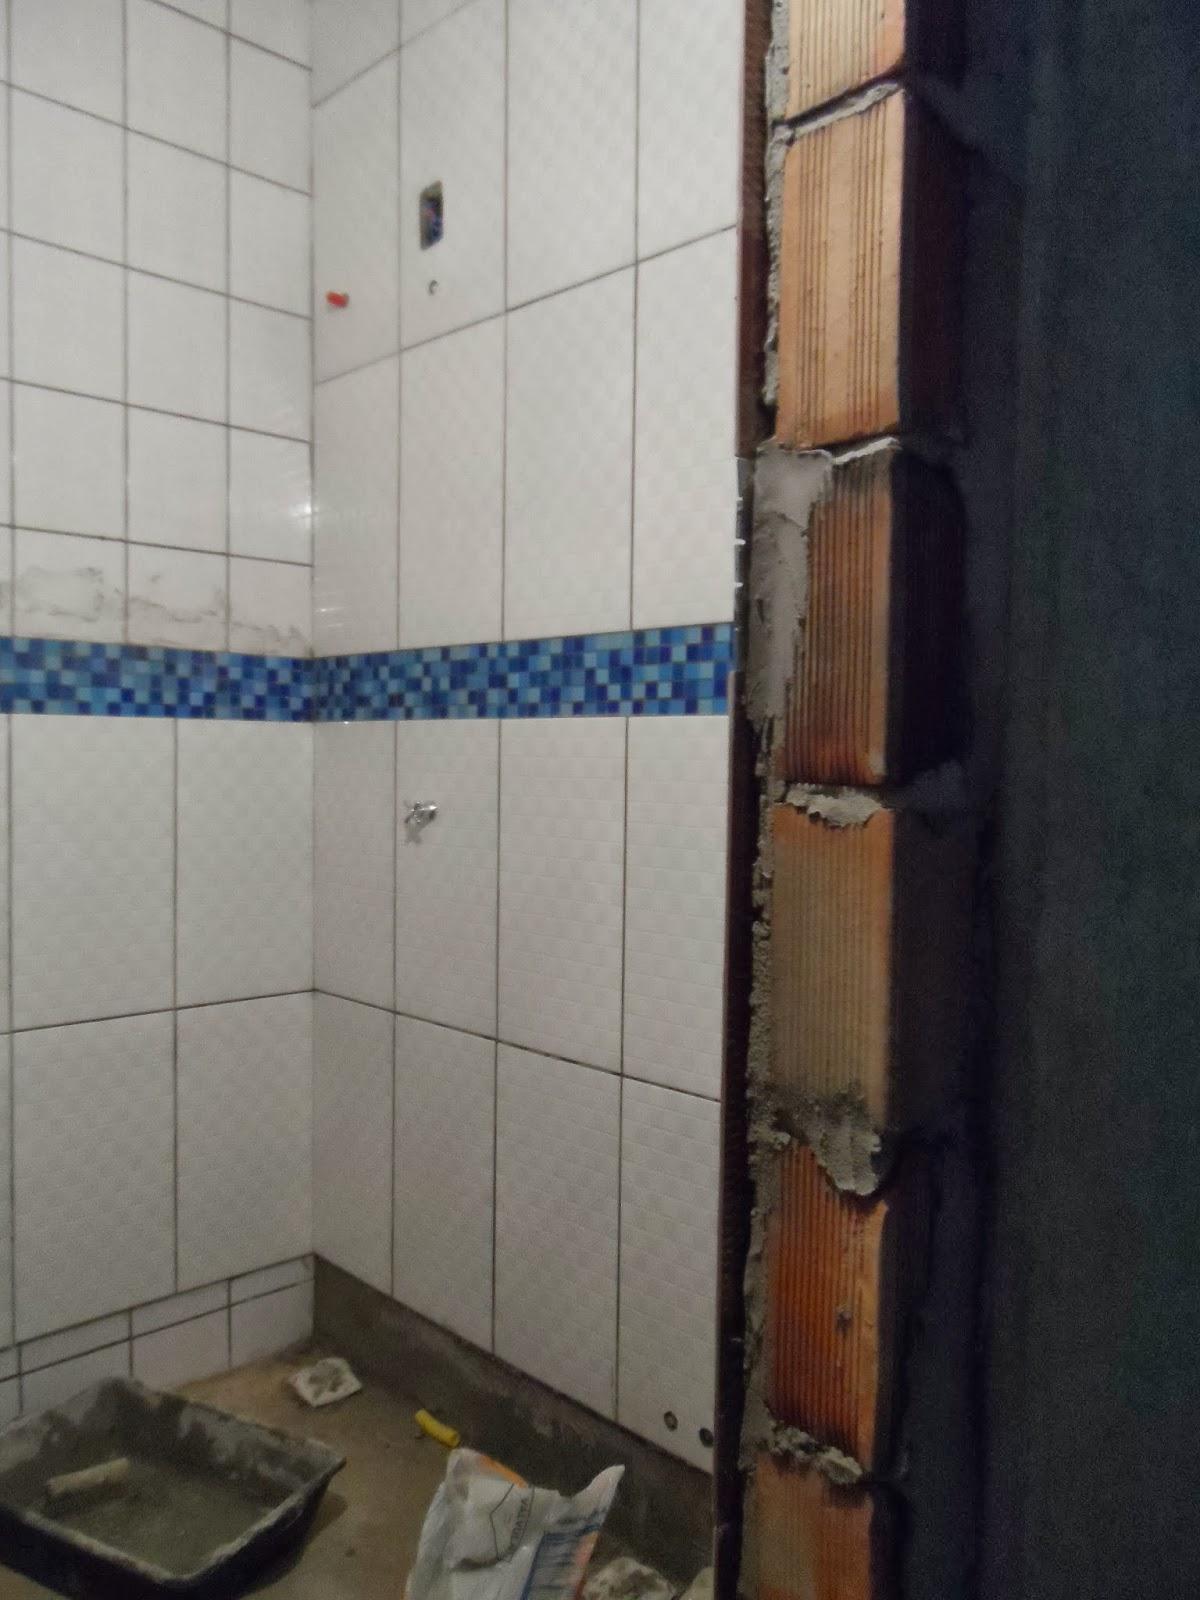 Minha casa te inspira: Banheiro azul e Branco #2C4165 1200x1600 Banheiro Branco Com Rejunte Azul